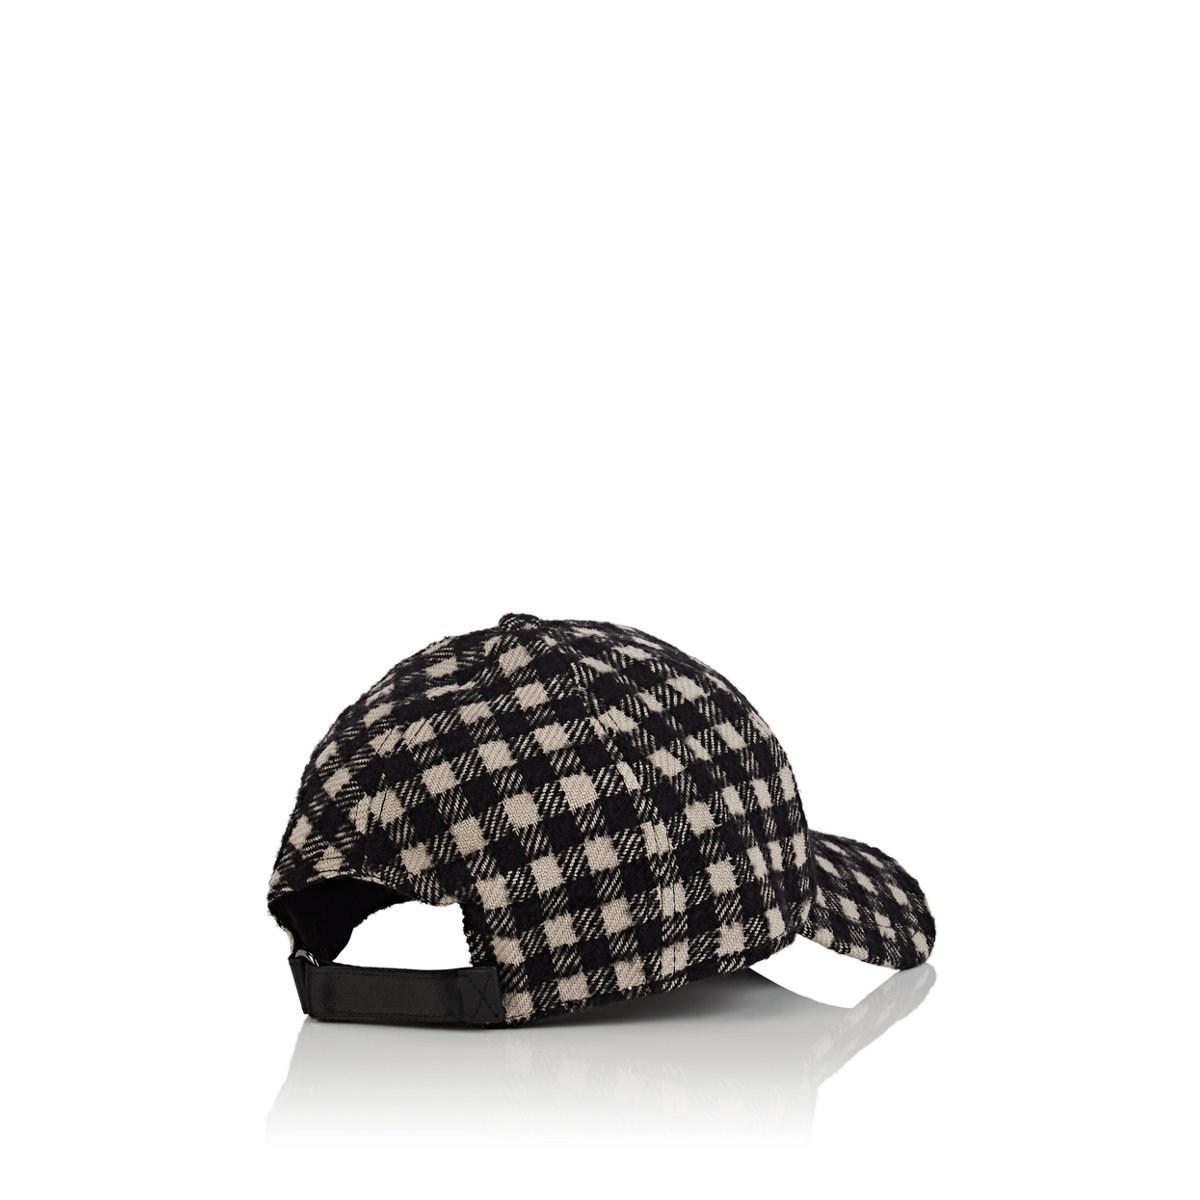 c4608b9ad6 Barneys New York Plaid Virgin Wool-blend Baseball Cap in Black for ...